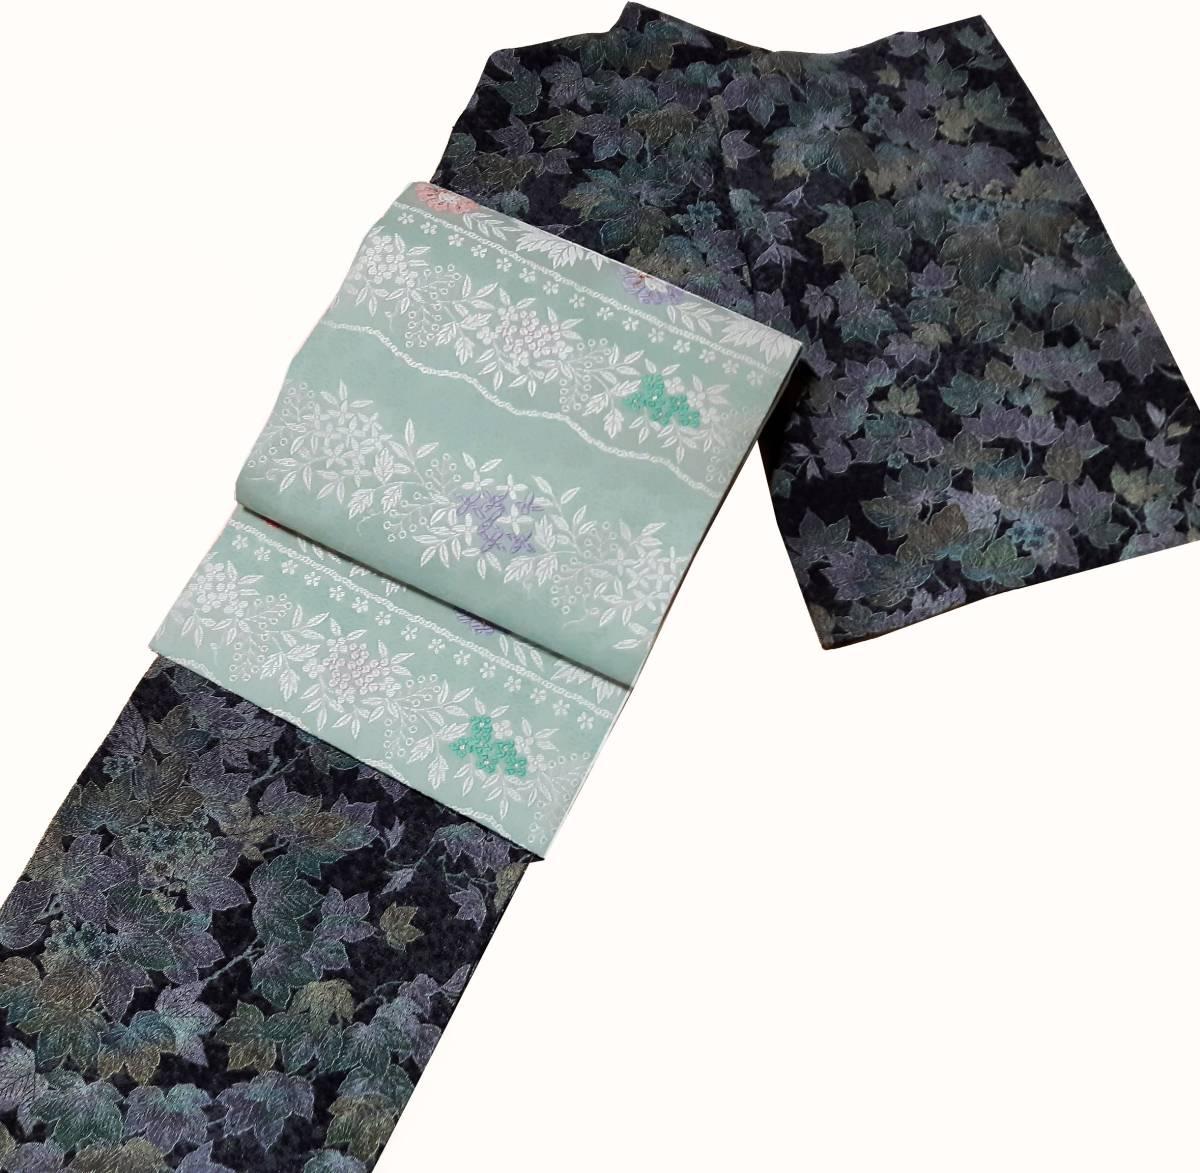 柄の色と帯のミントグリーンが良くマッチ